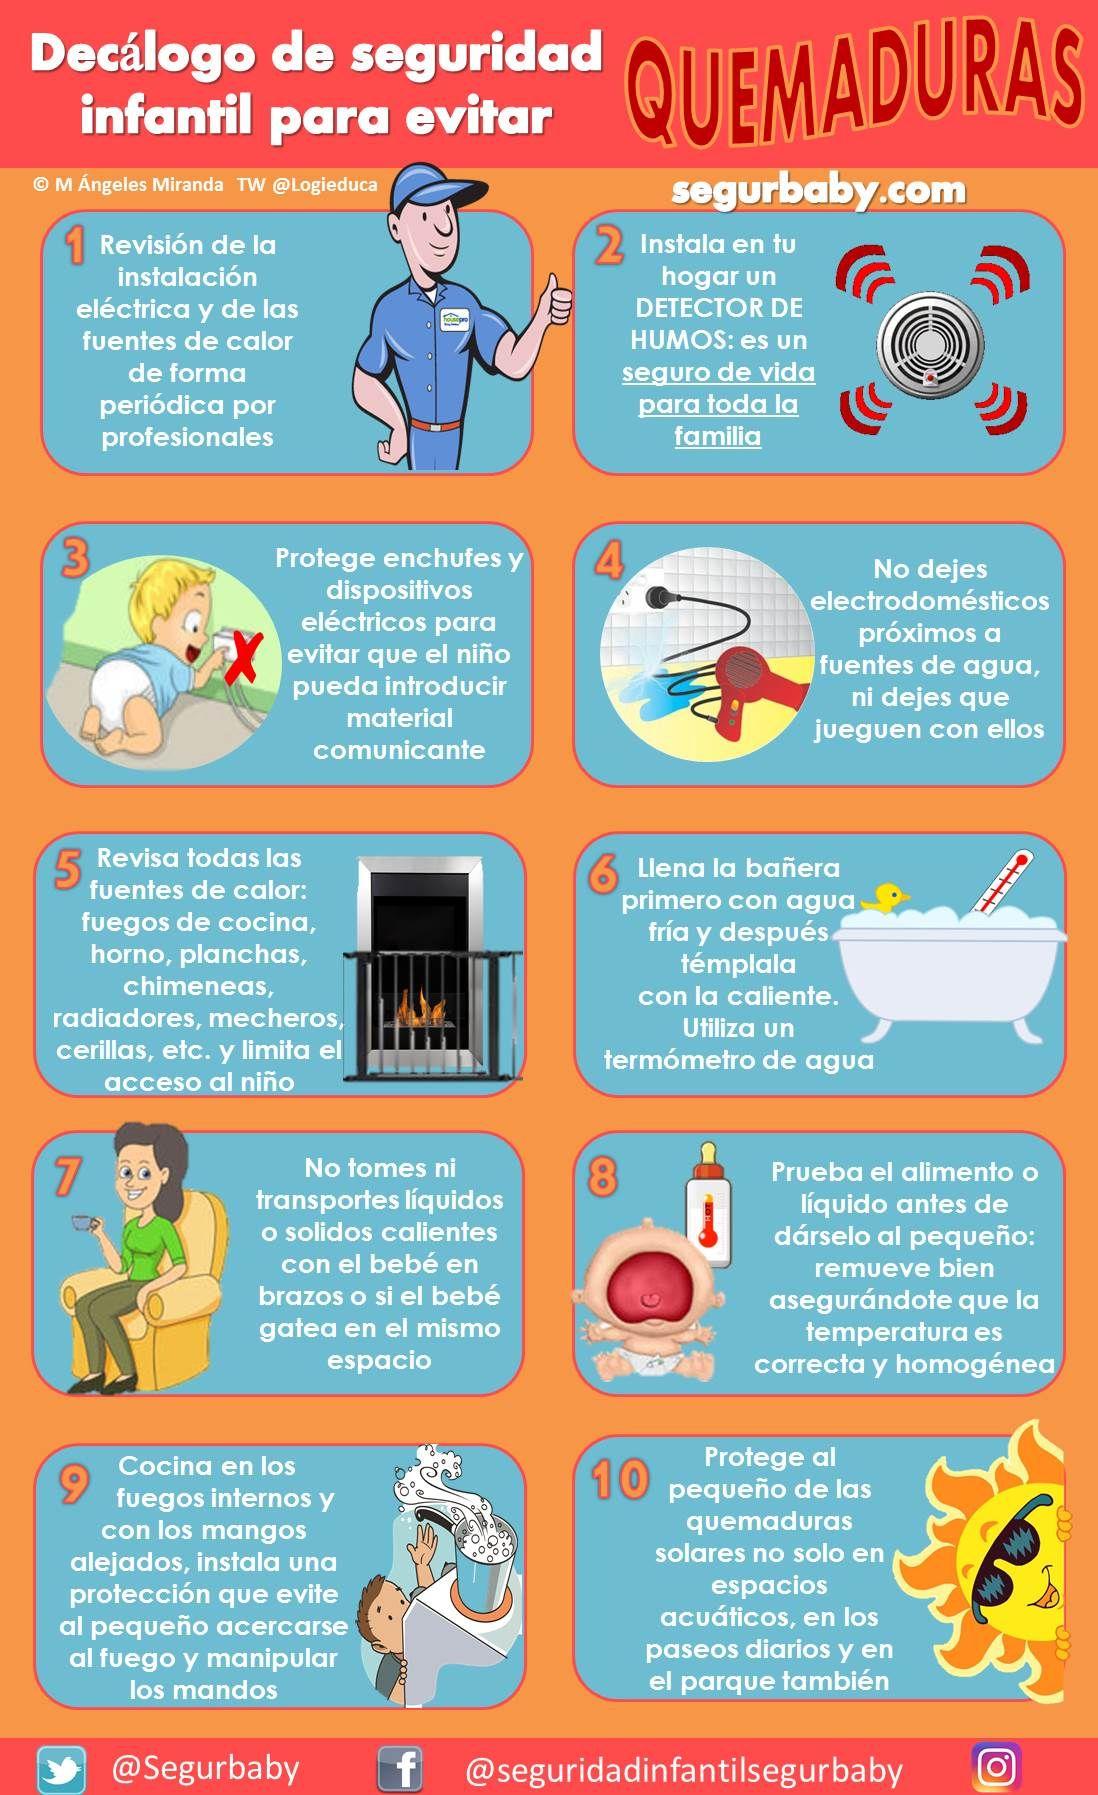 Infografia Decalogo De Seguridad Infantil Para Evitar Quemaduras